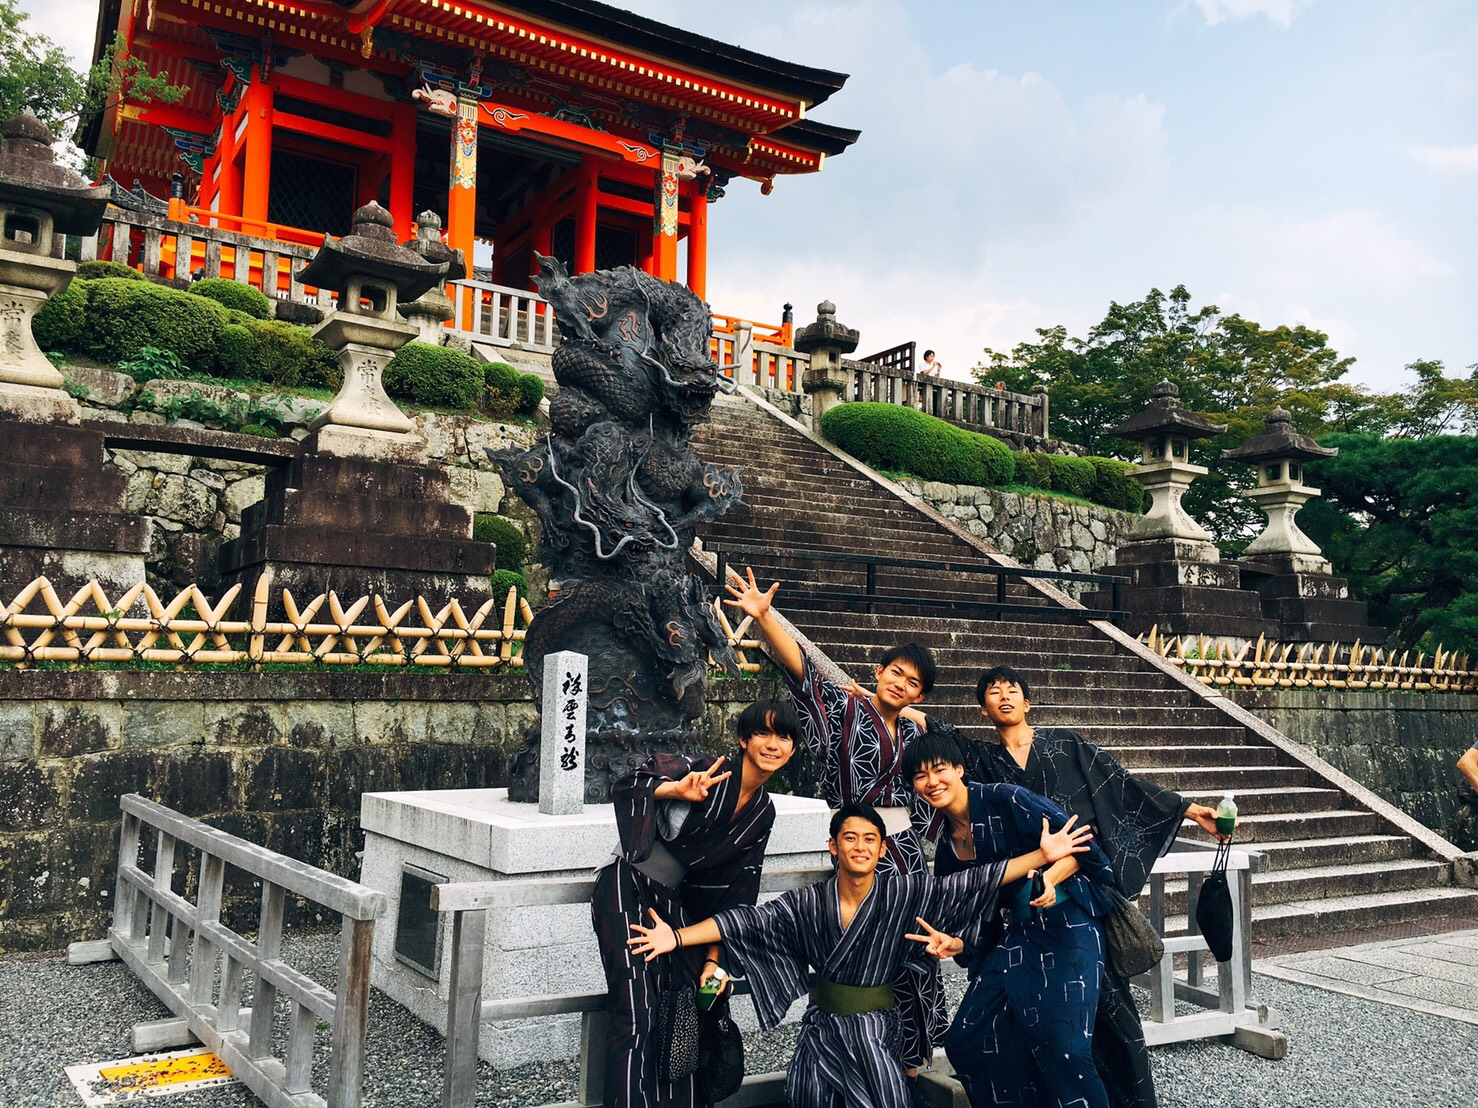 夏休みの思い出に京都旅行♪2019年7月31日2